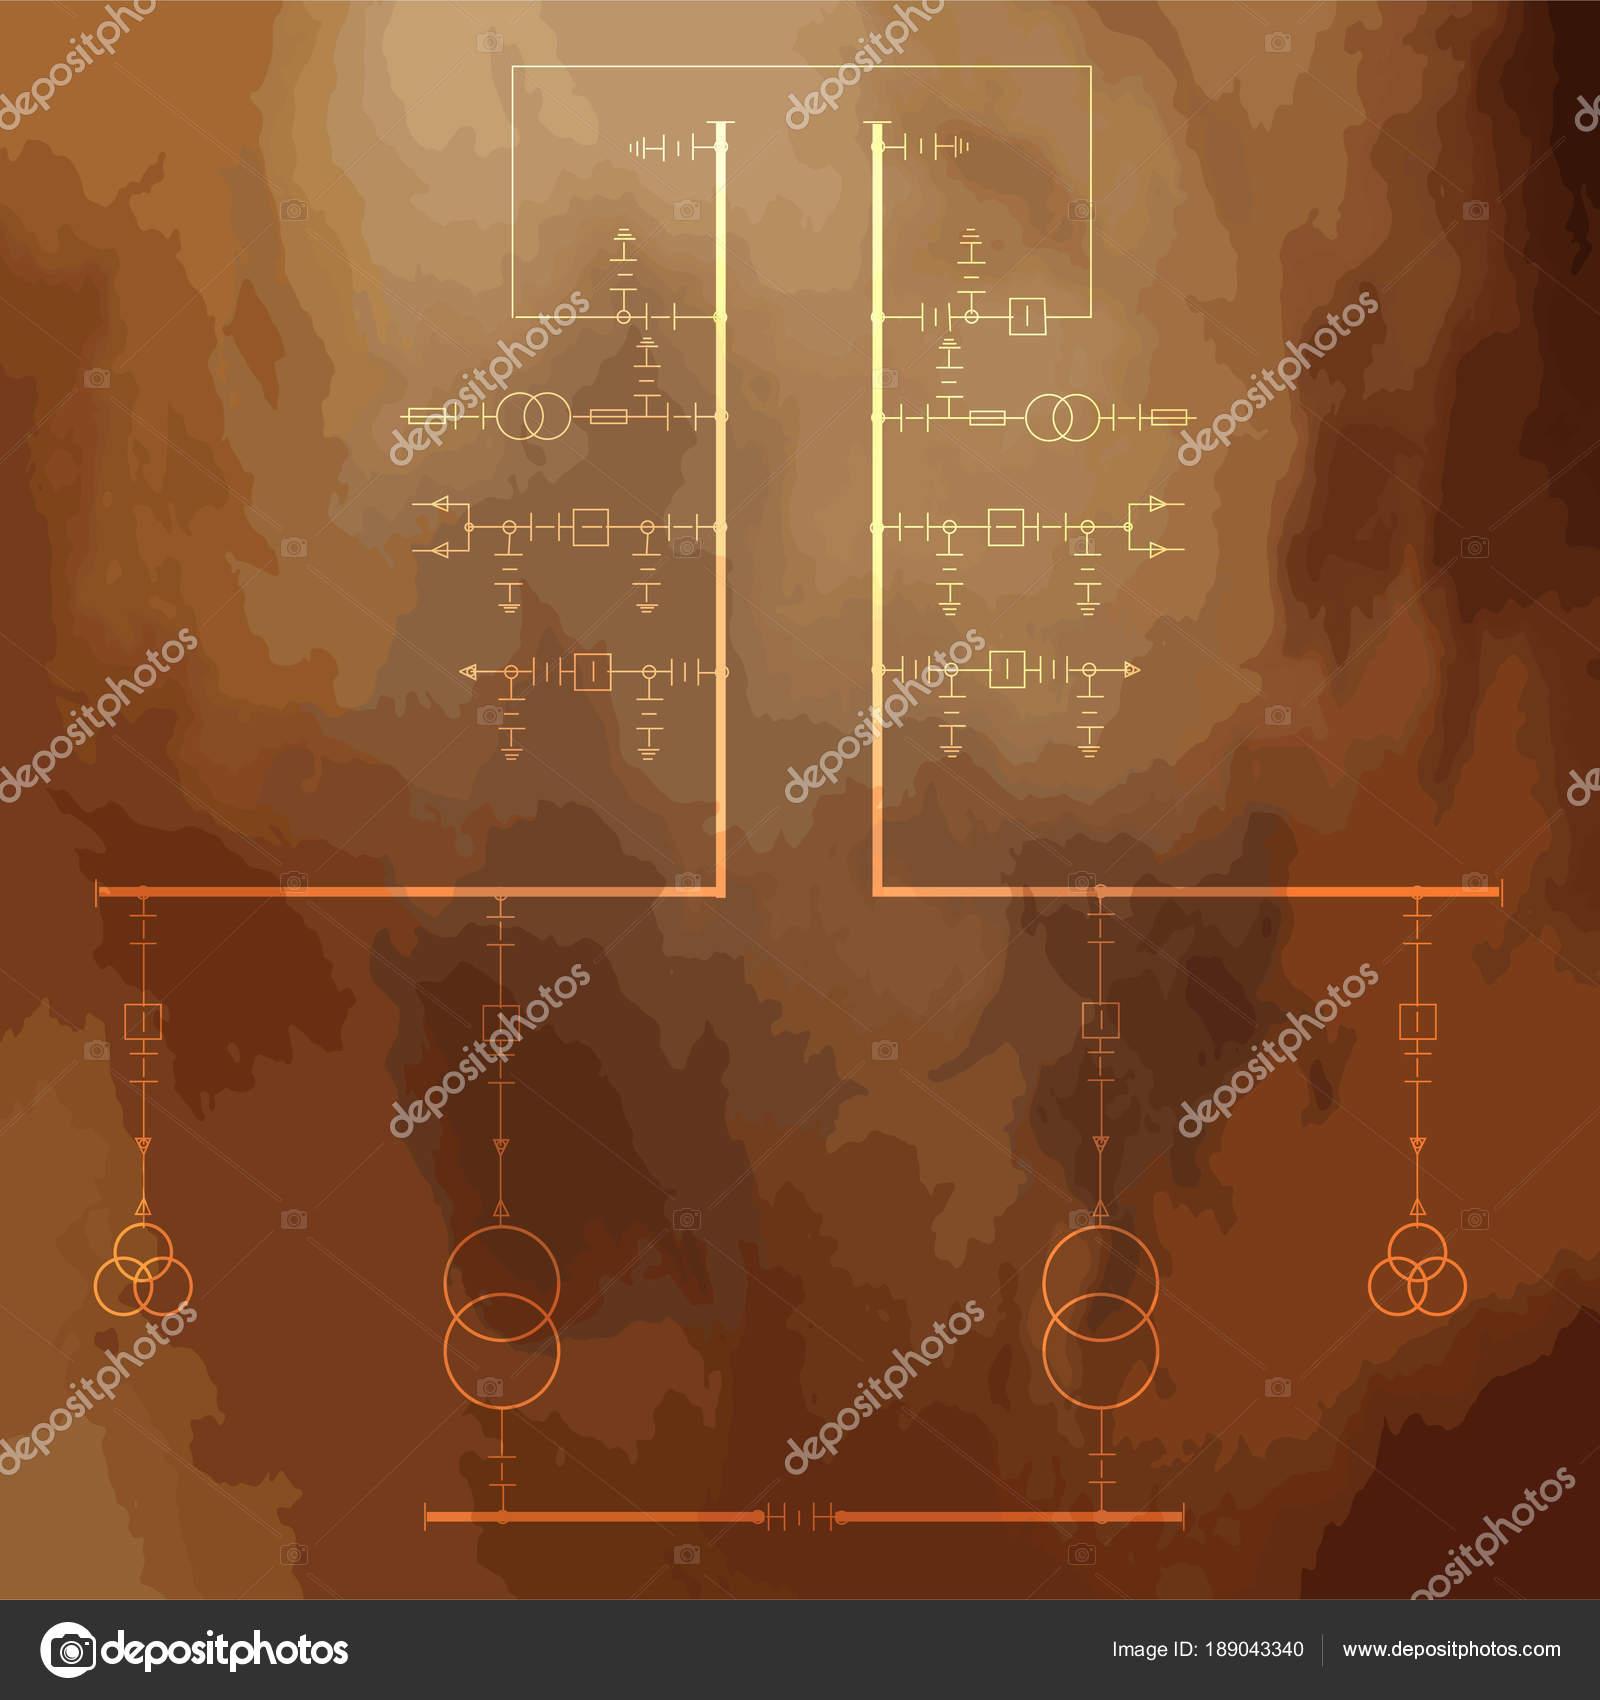 Schema Elettrico Per Orang : Schema cablaggio elettrico trasformatori potenza u vettoriali